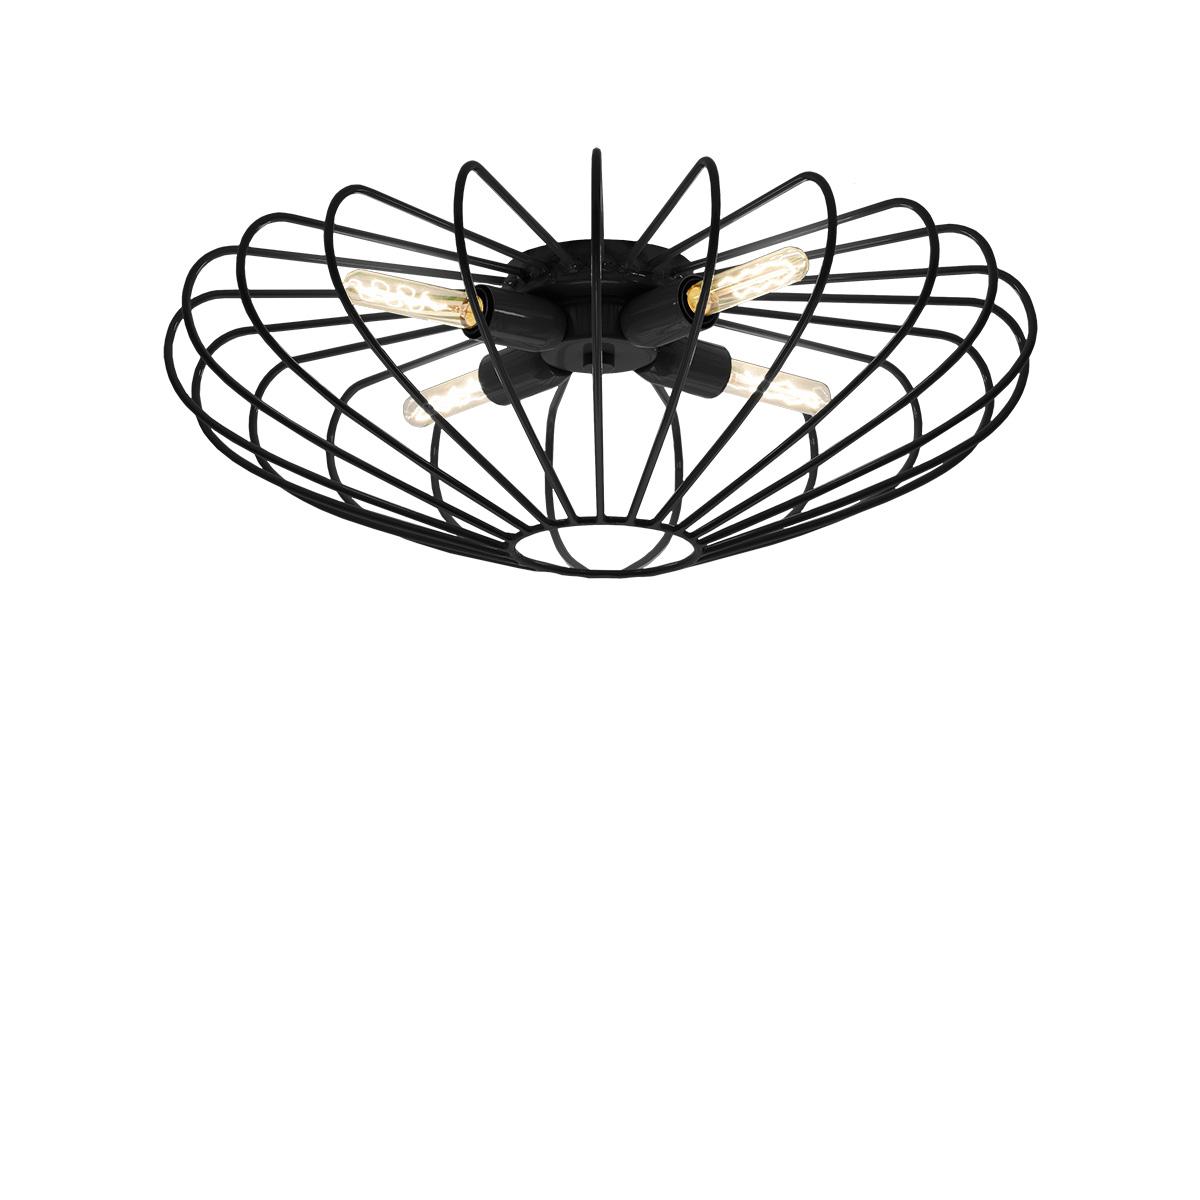 Μοντέρνο φωτιστικό οροφής CELLI modern ceiling lamp